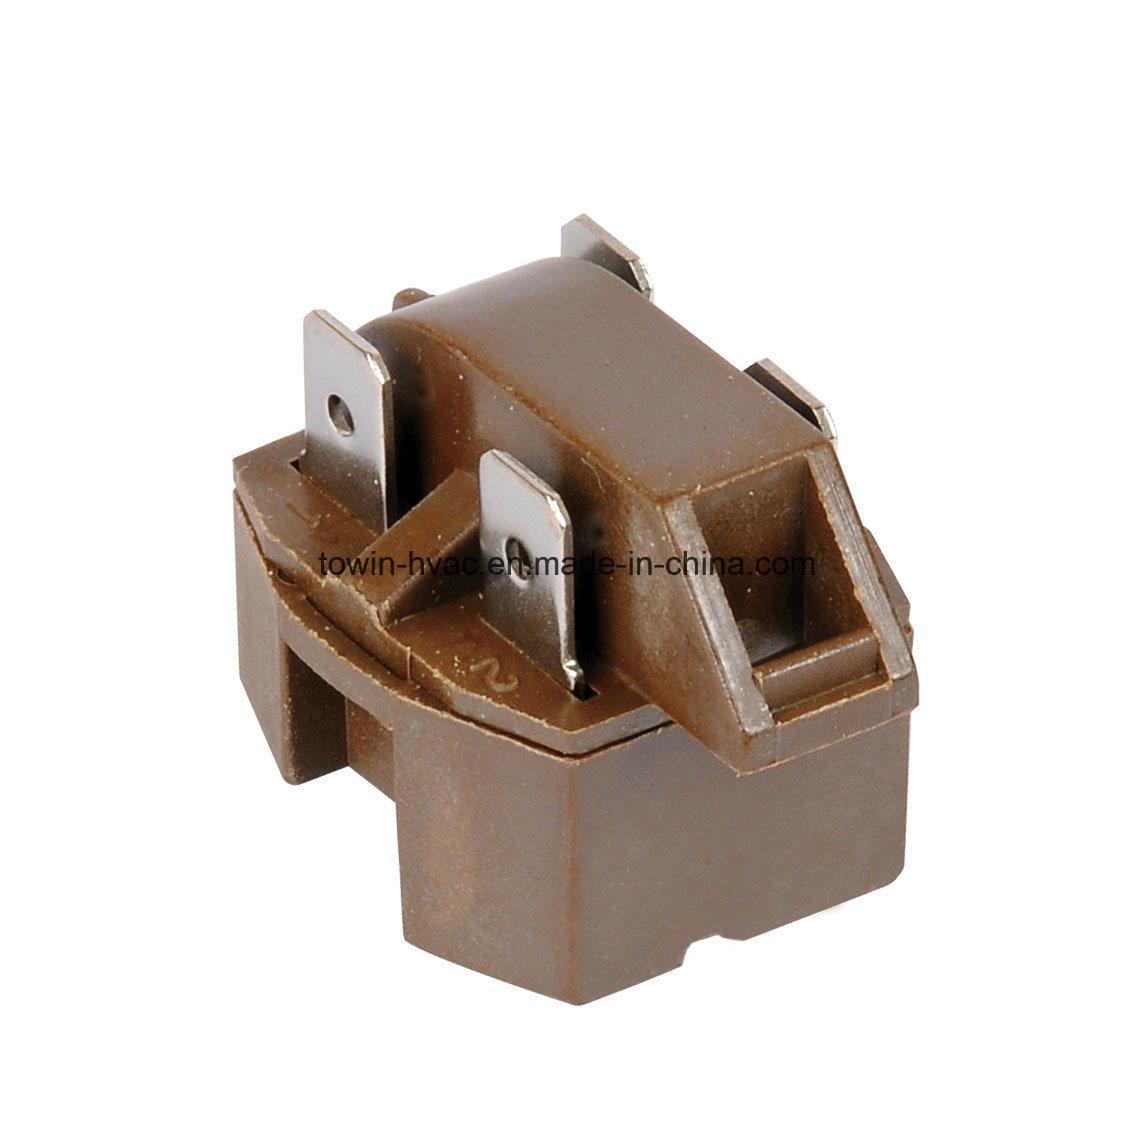 Refrigerator Compressor Starter Relay